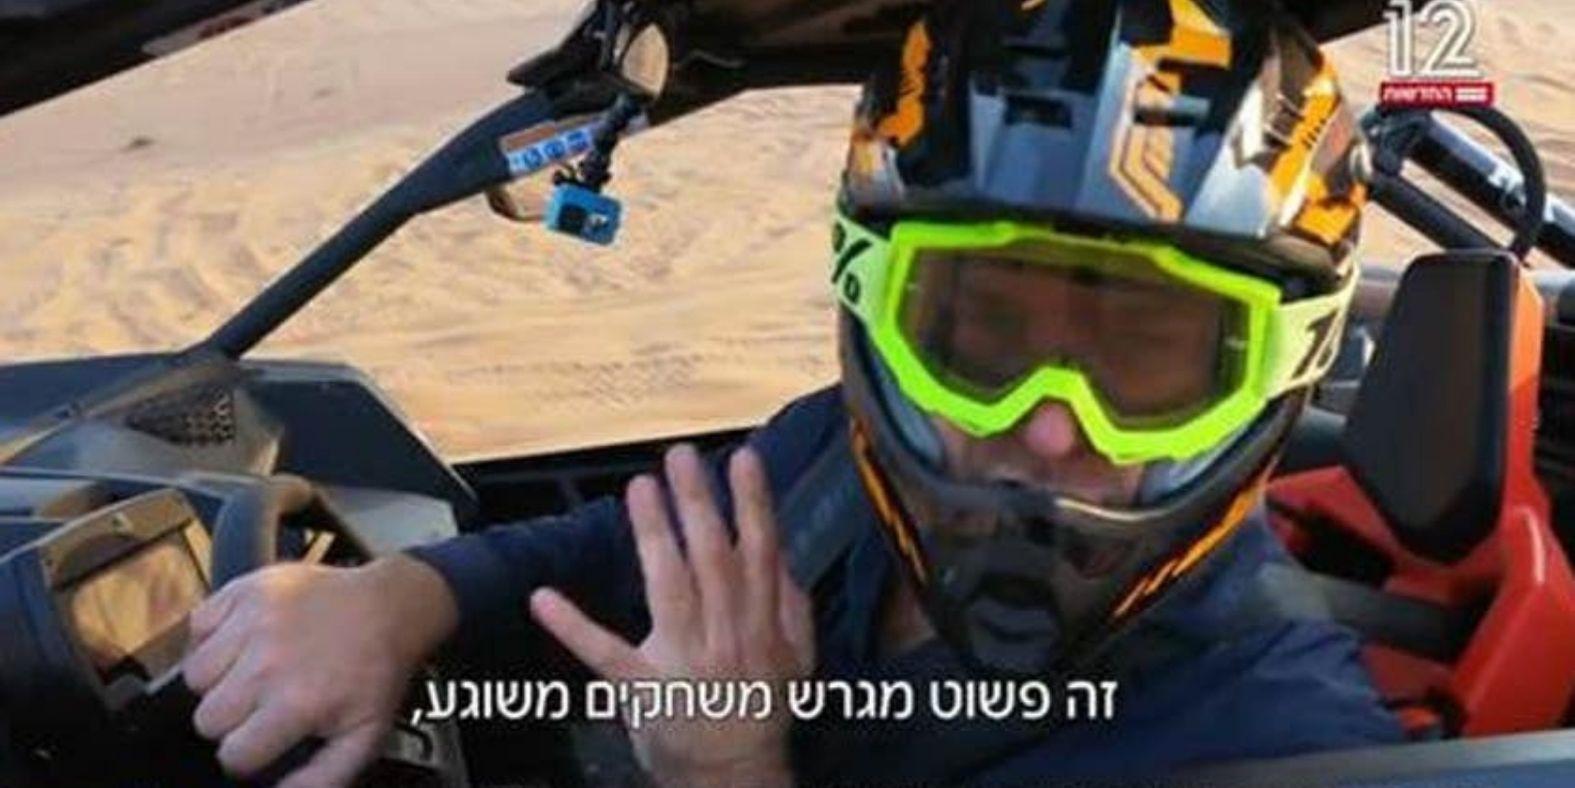 דני קושמרו | צילום מסך חדשות 12